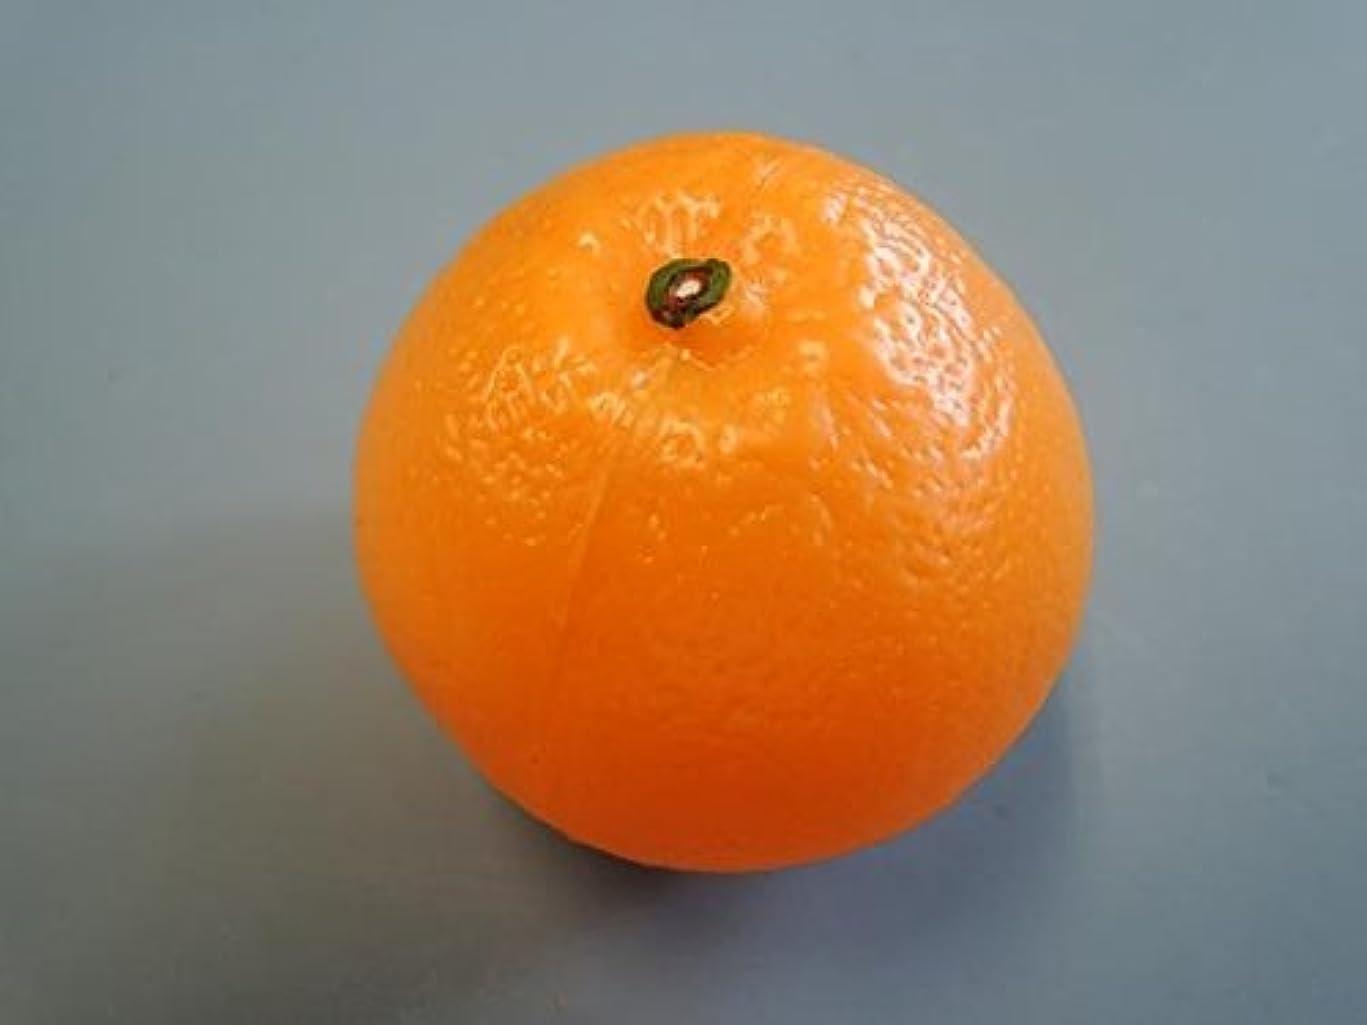 発見労働者ガード日本職人が作る 食品サンプル オレンジ IP-350